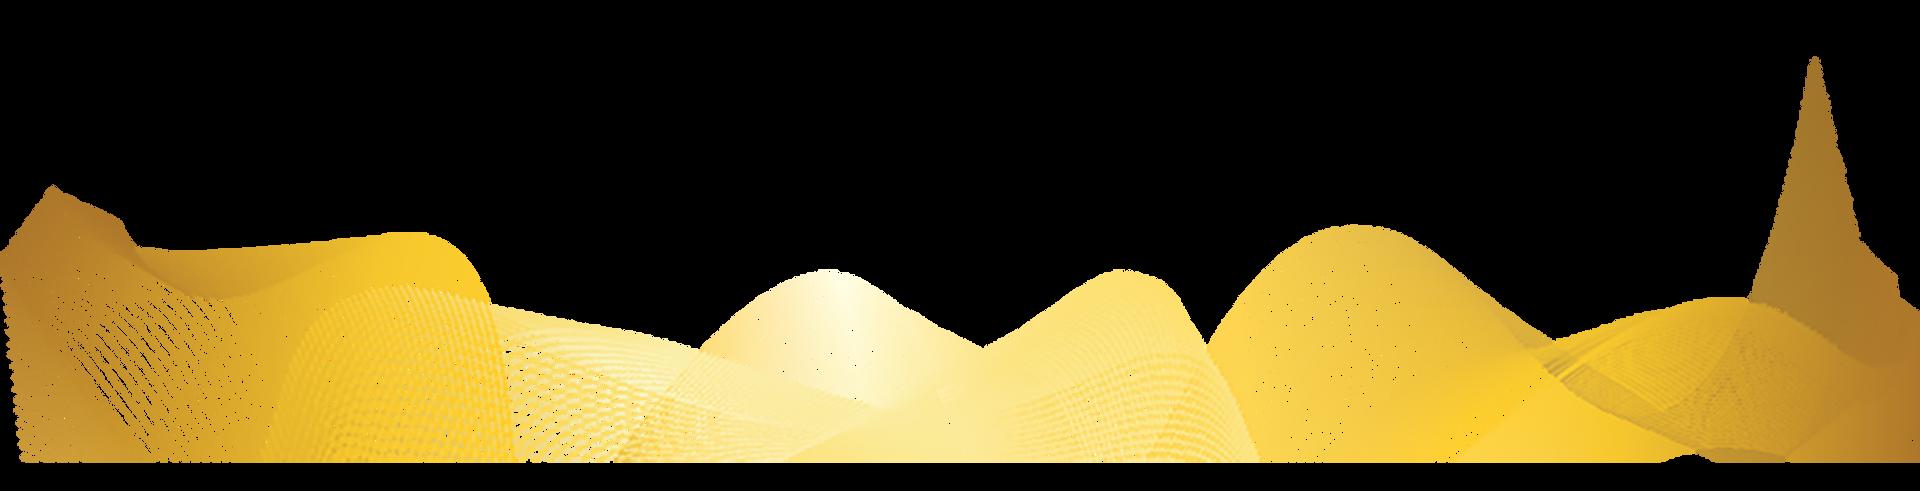 bg_goldwave2.png